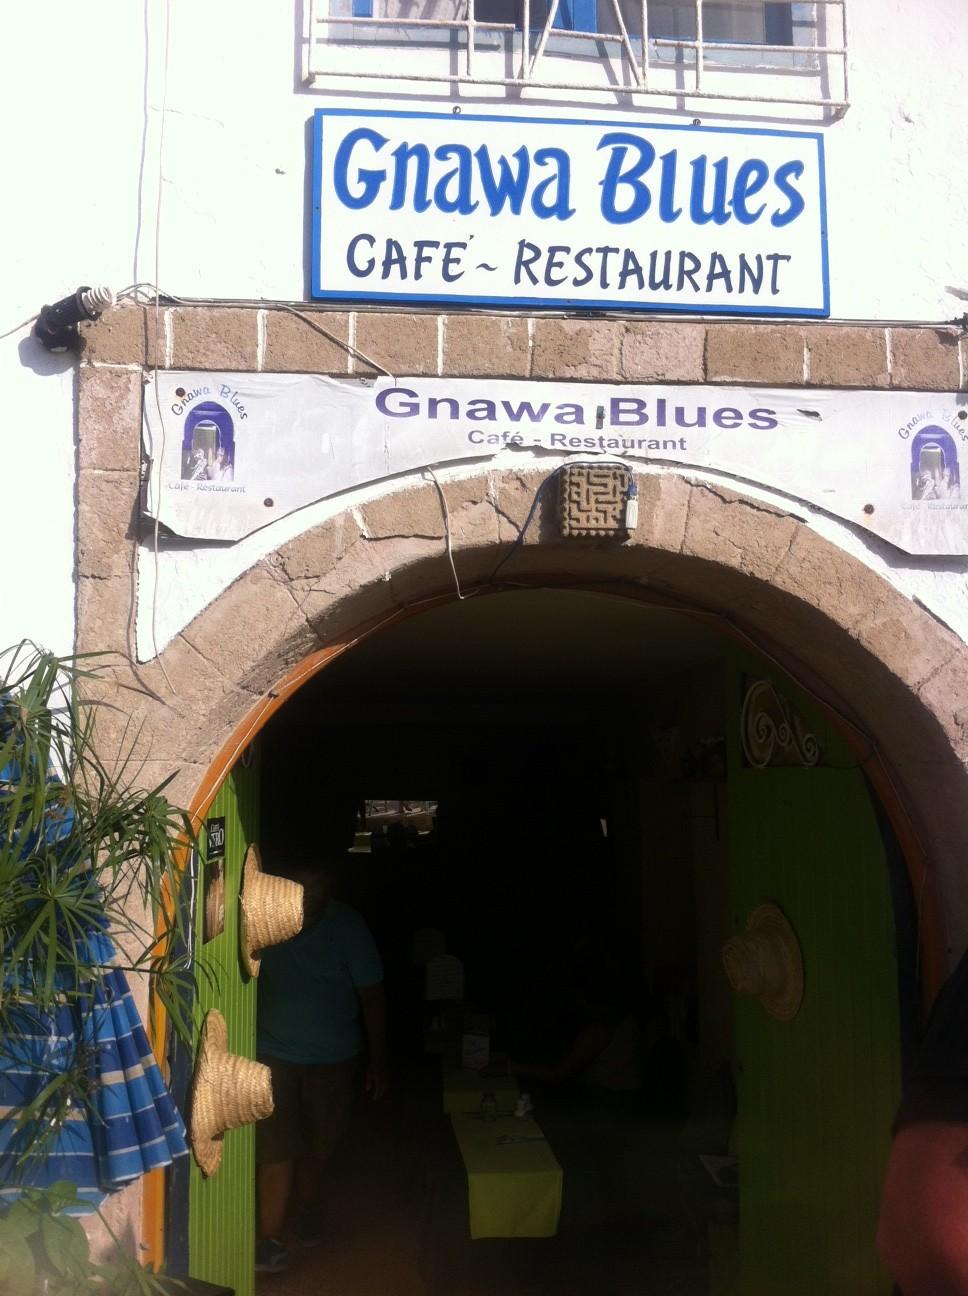 Gnawa Blues Cafe